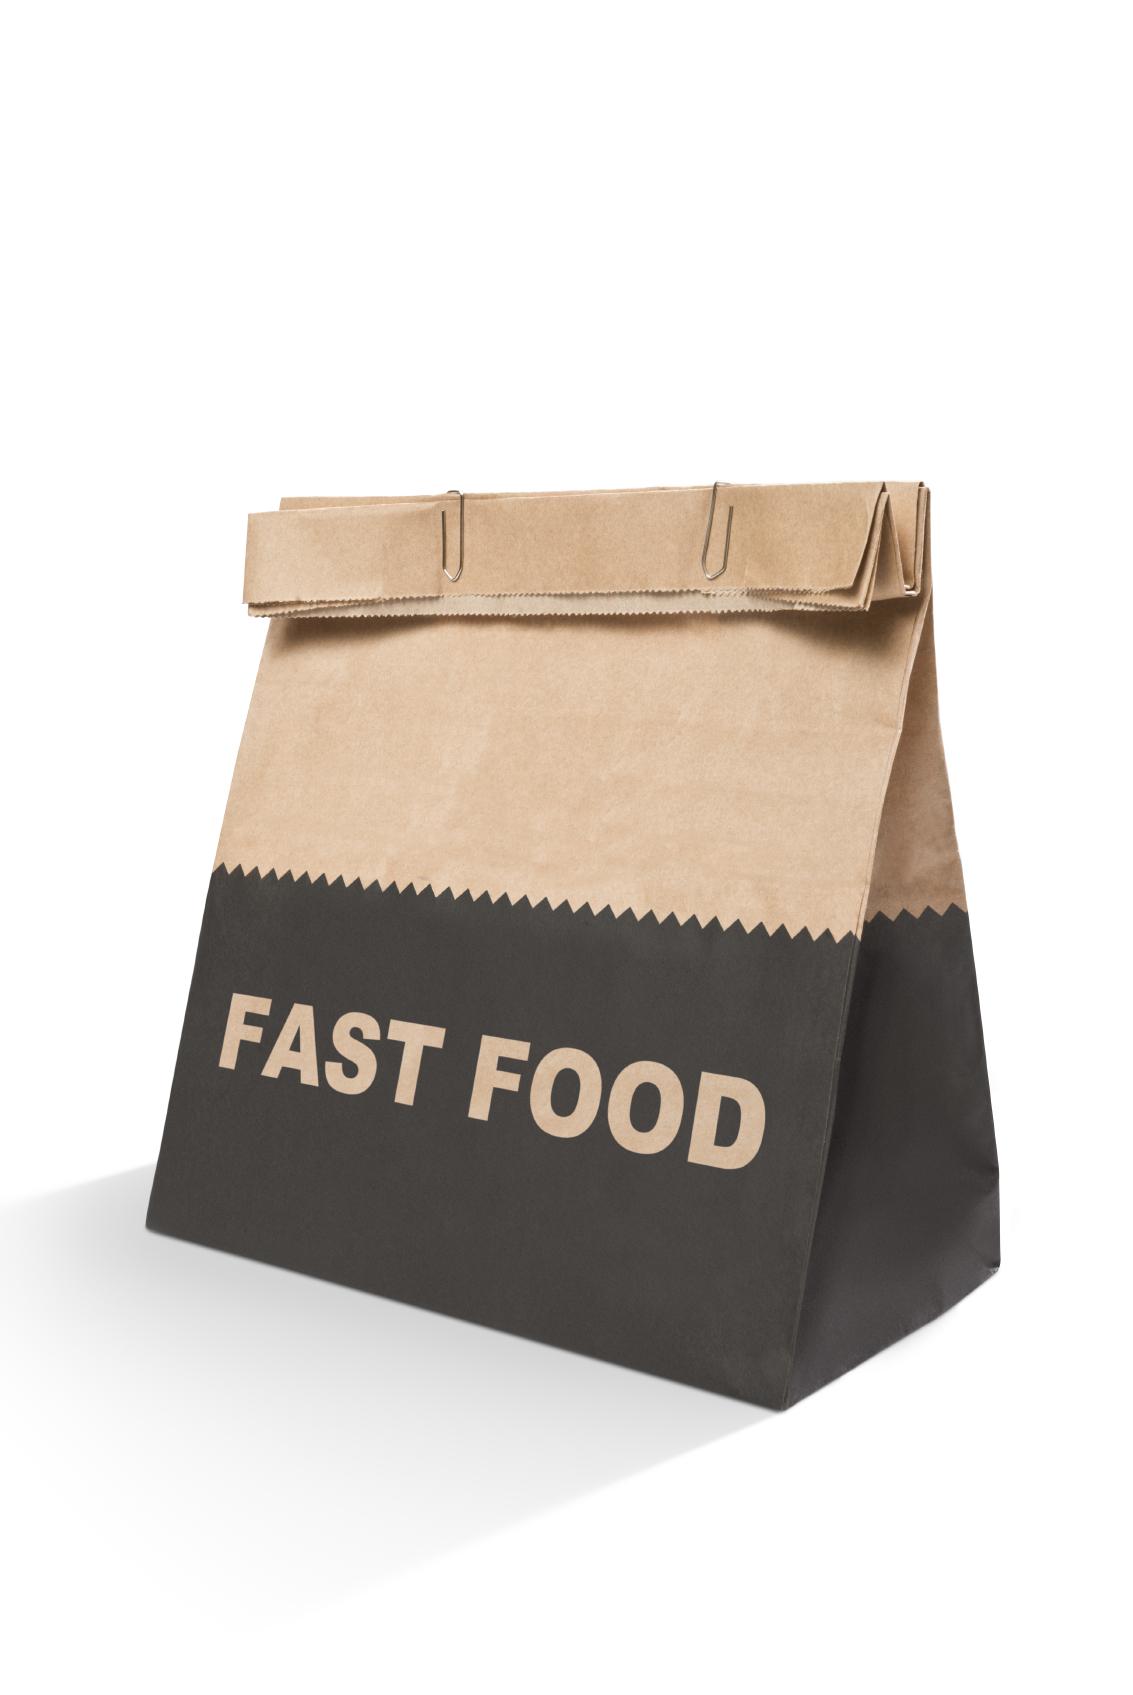 BEWARE: Chemicals in Fast Food Packaging